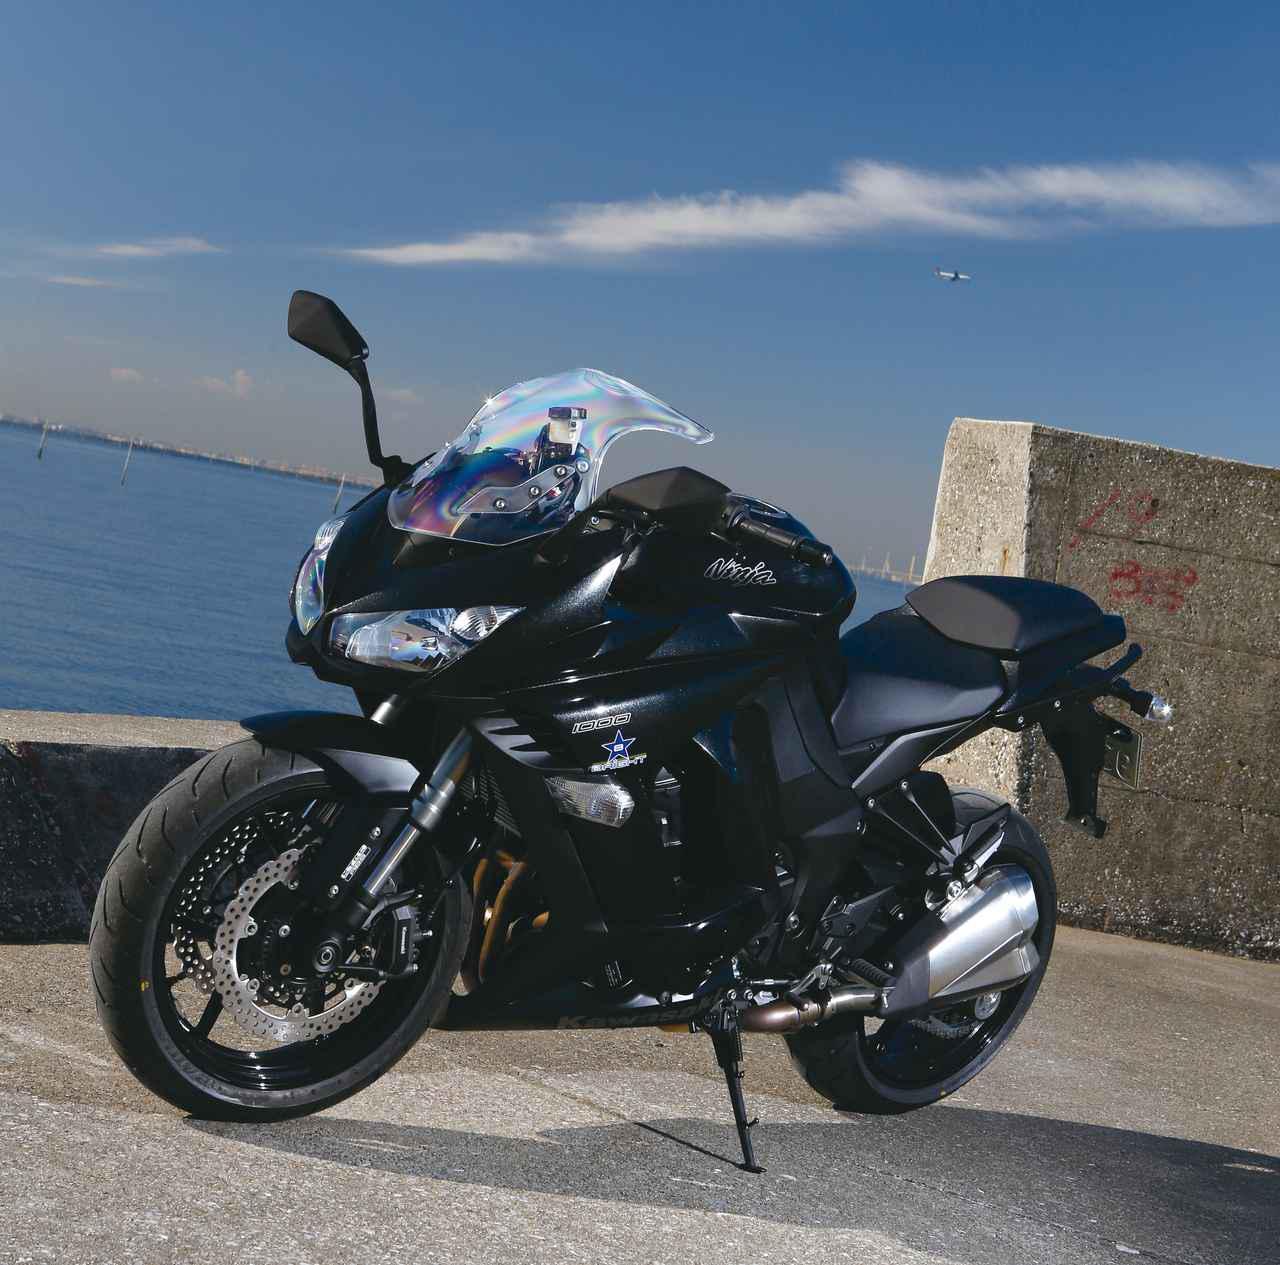 画像: 試乗インプレ|カワサキ Ninja1000/ABS(2014年) - webオートバイ